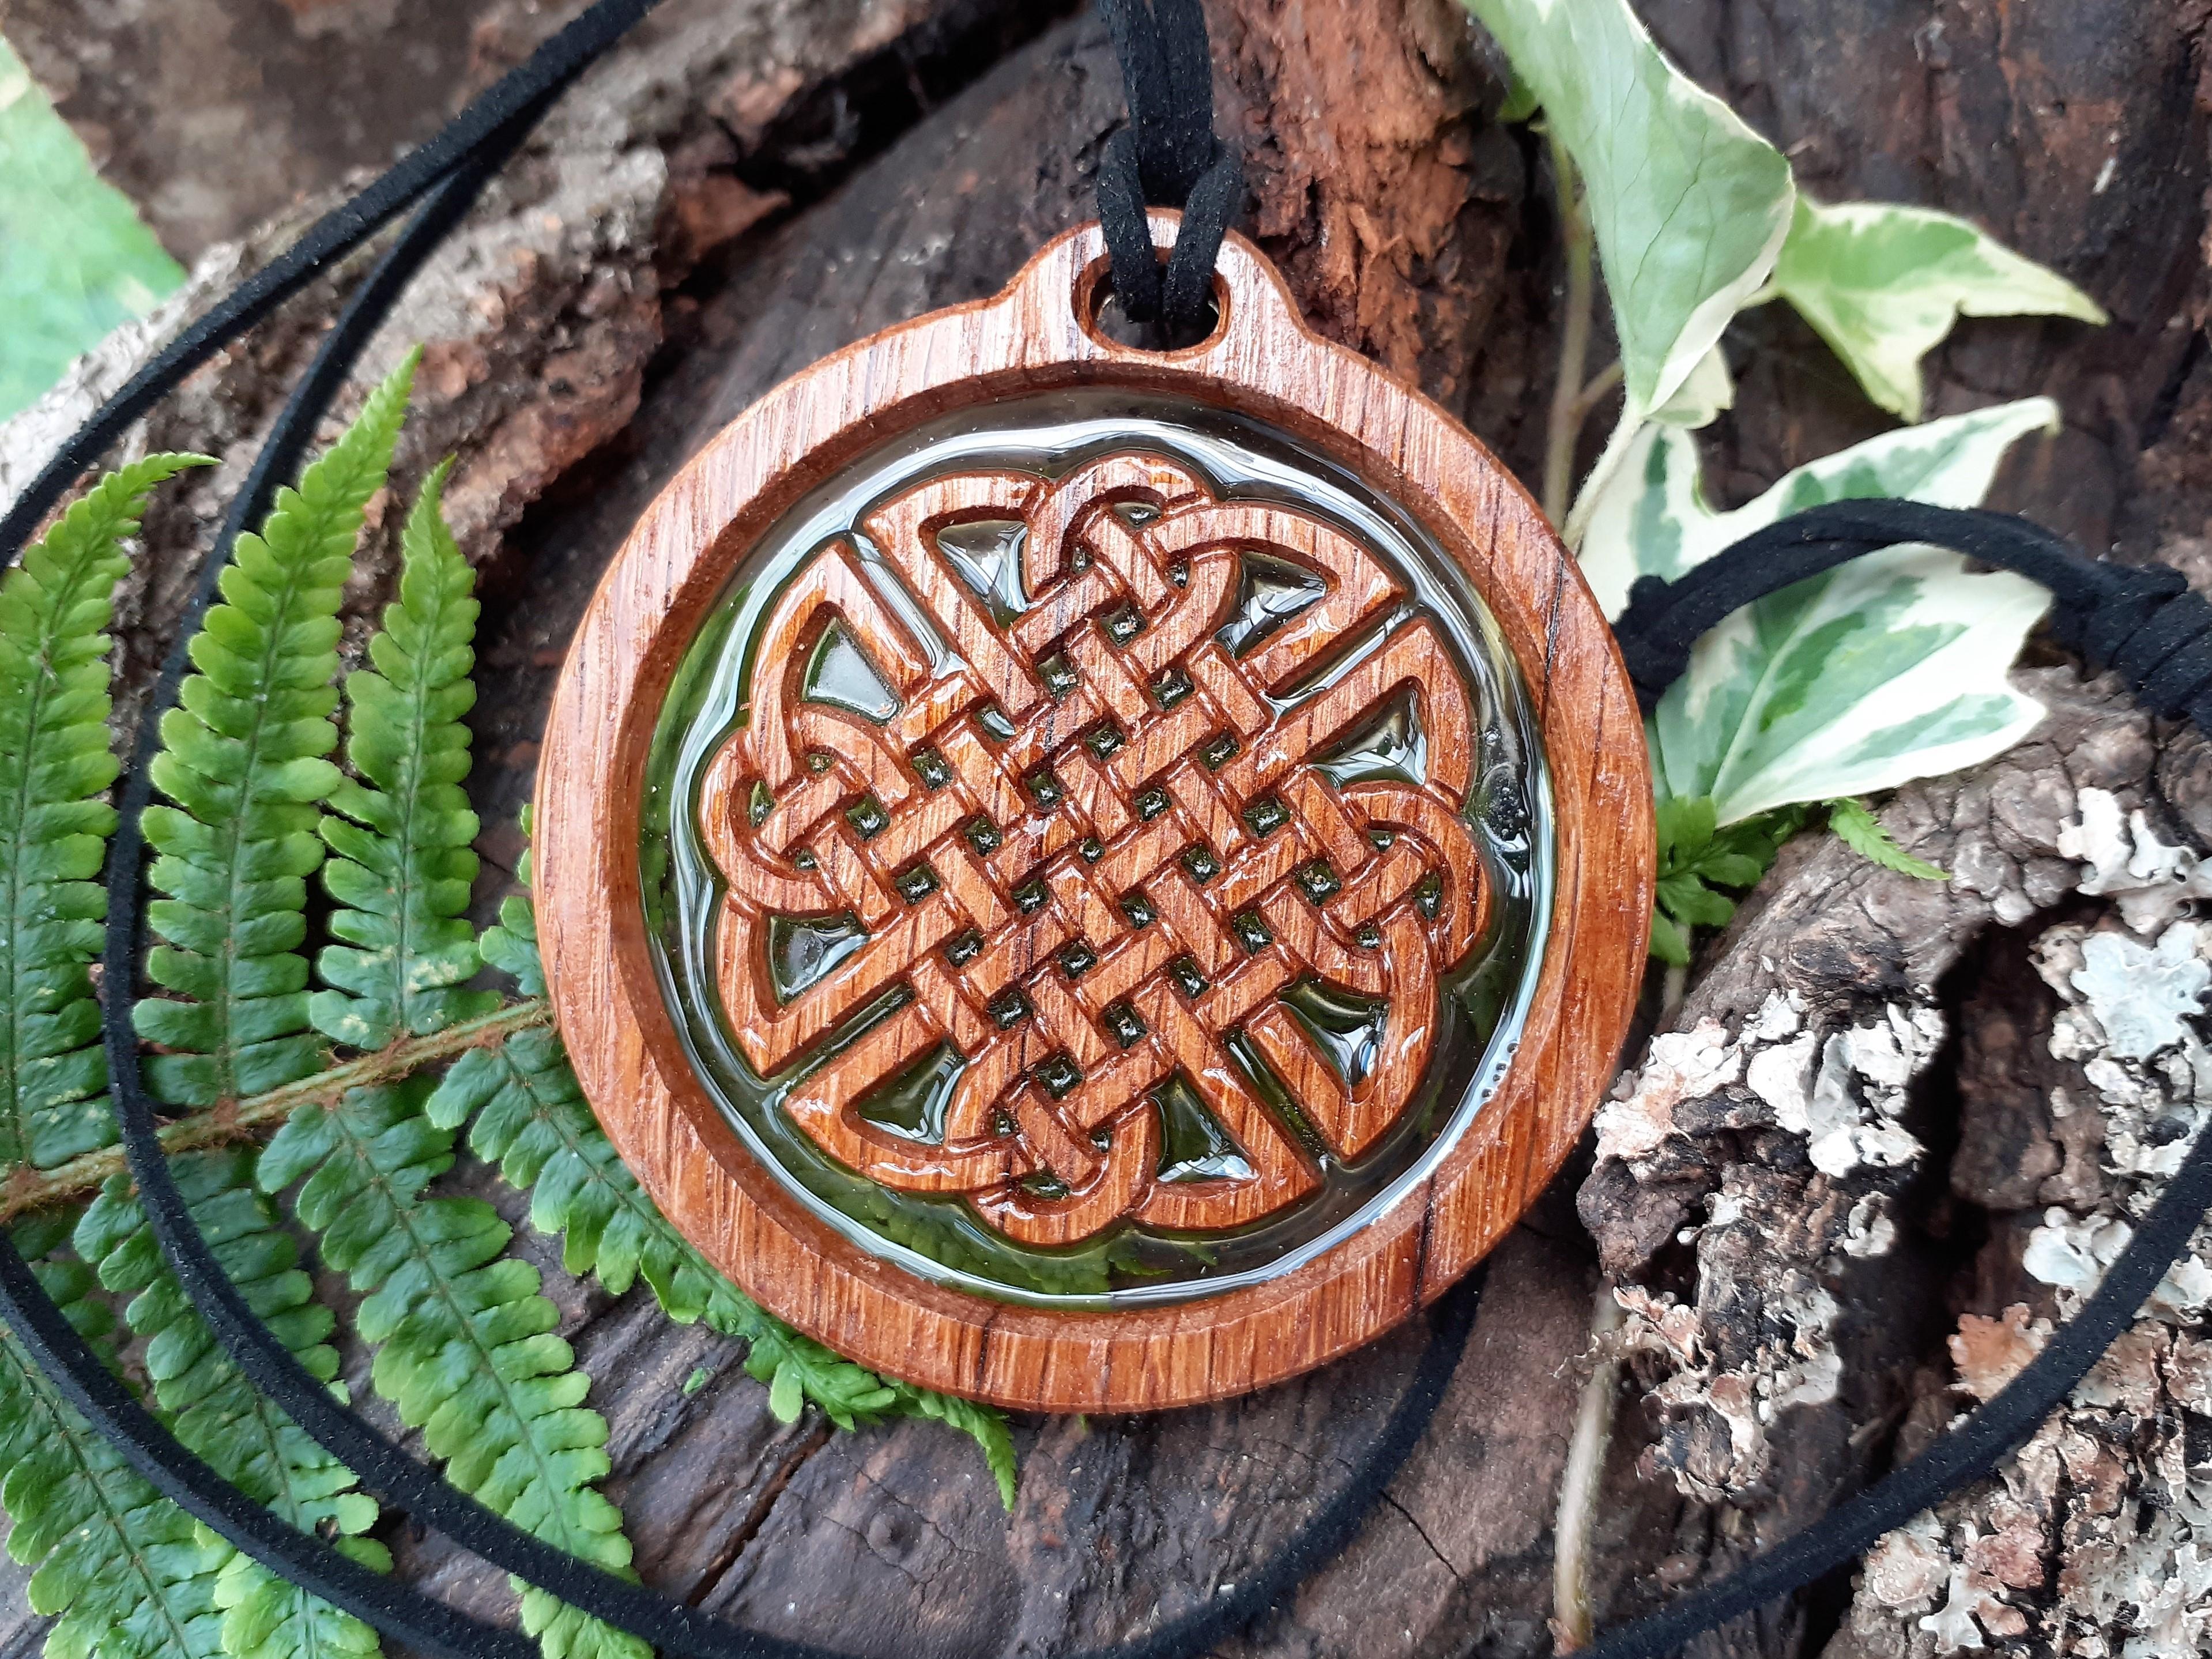 Médaillon pendentif en bois de chêne et résine transparente, décoré d'un noeud celtique gravé